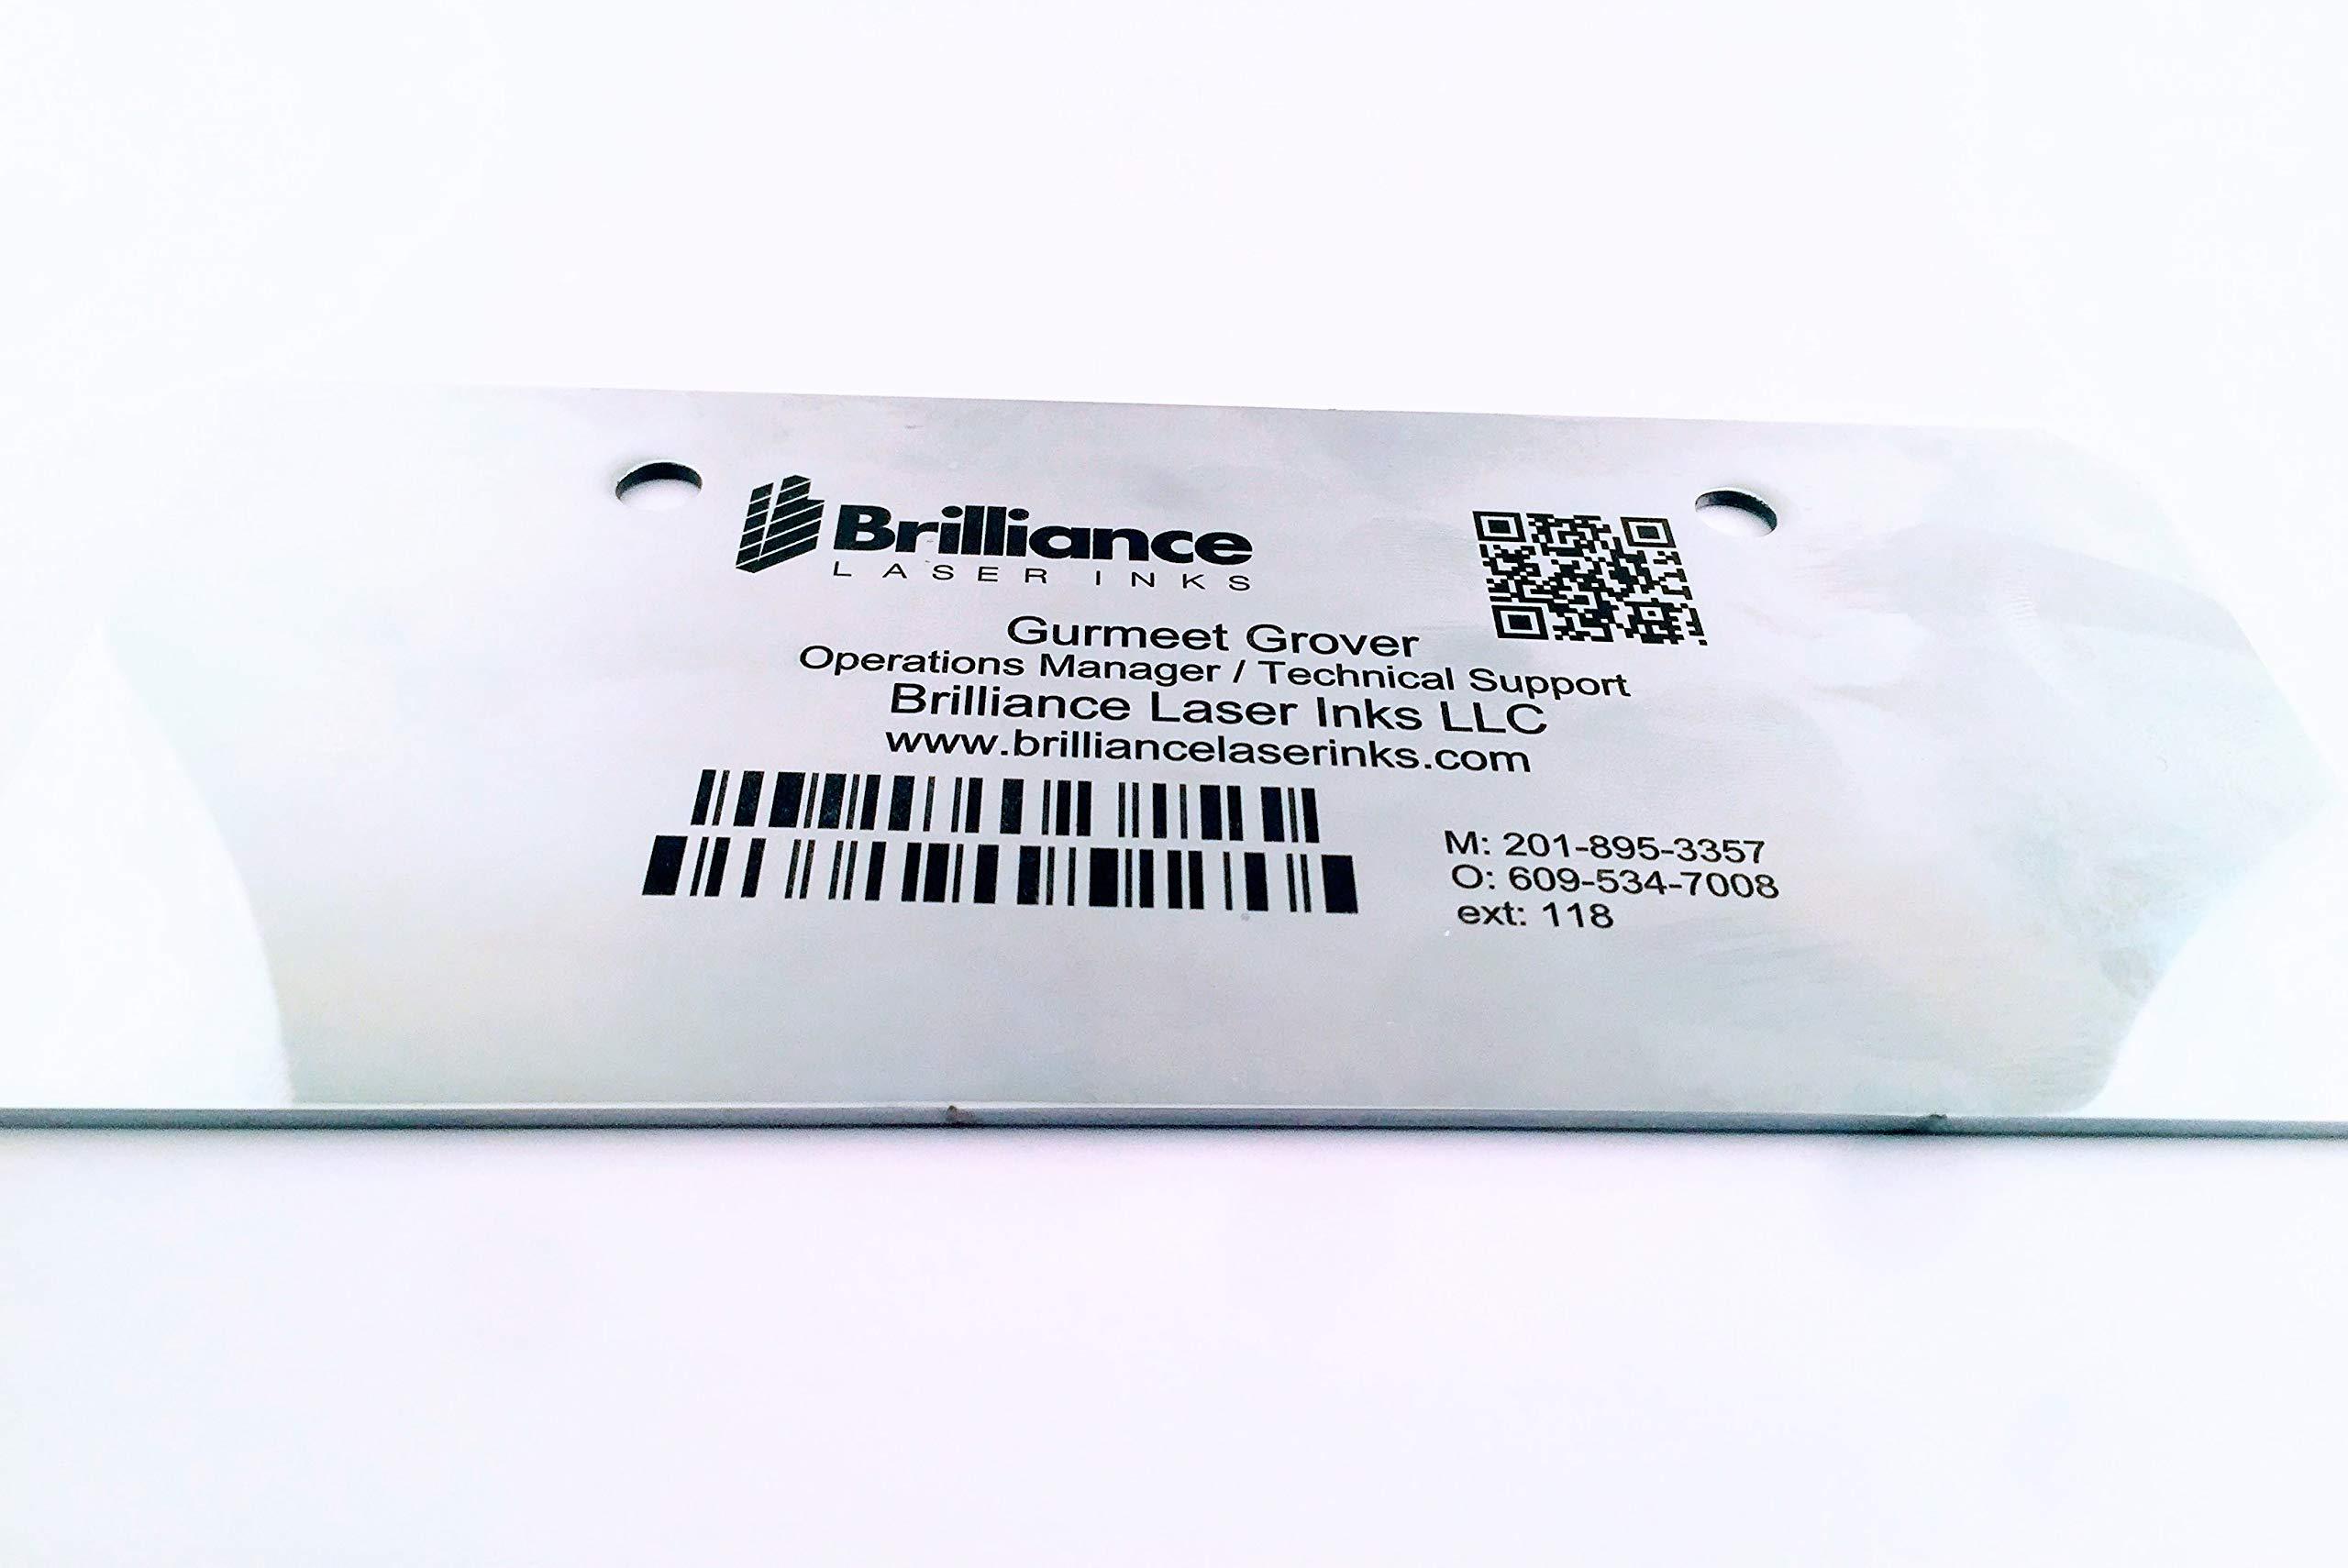 Laser Marking Powder-''Brilliance Laser Inks'' -BLI101MBPWD500 Grams- Black Laser Ink Powder for Metals Marking with CO2/Fiber/YAG (500 Grams) by Brilliance Laser Inks (Image #6)